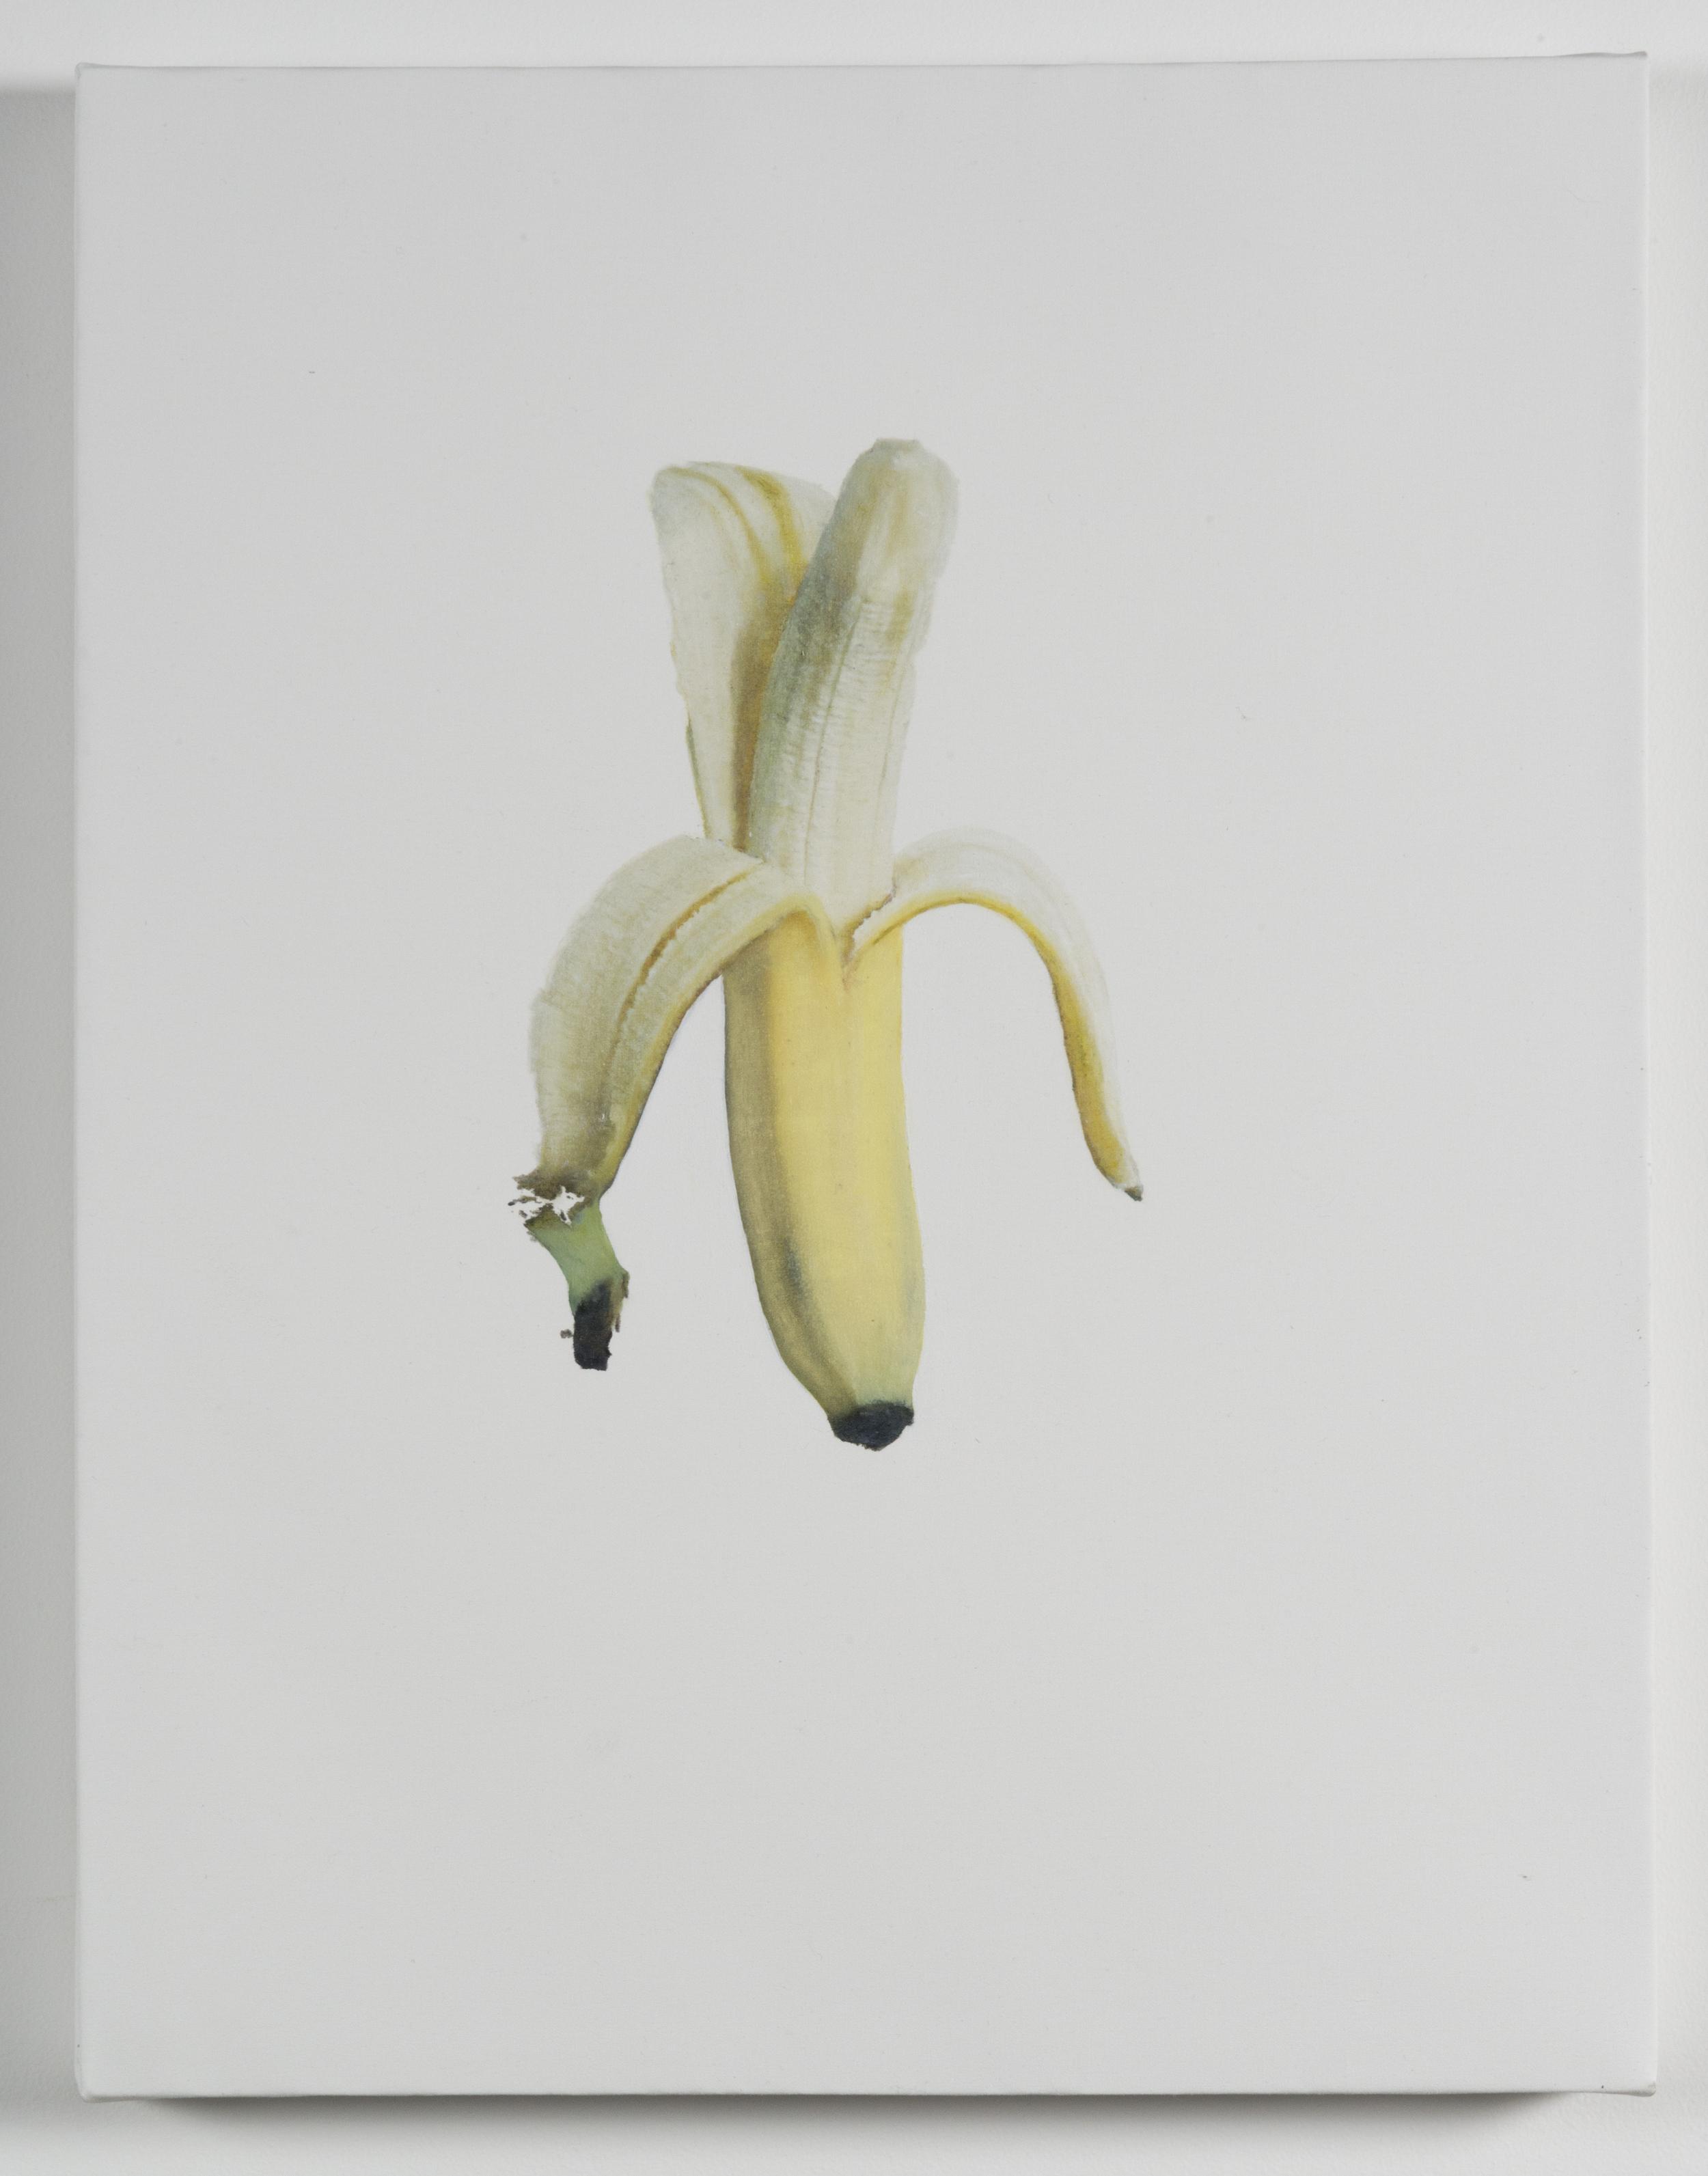 Jpeg (upright banana) 3